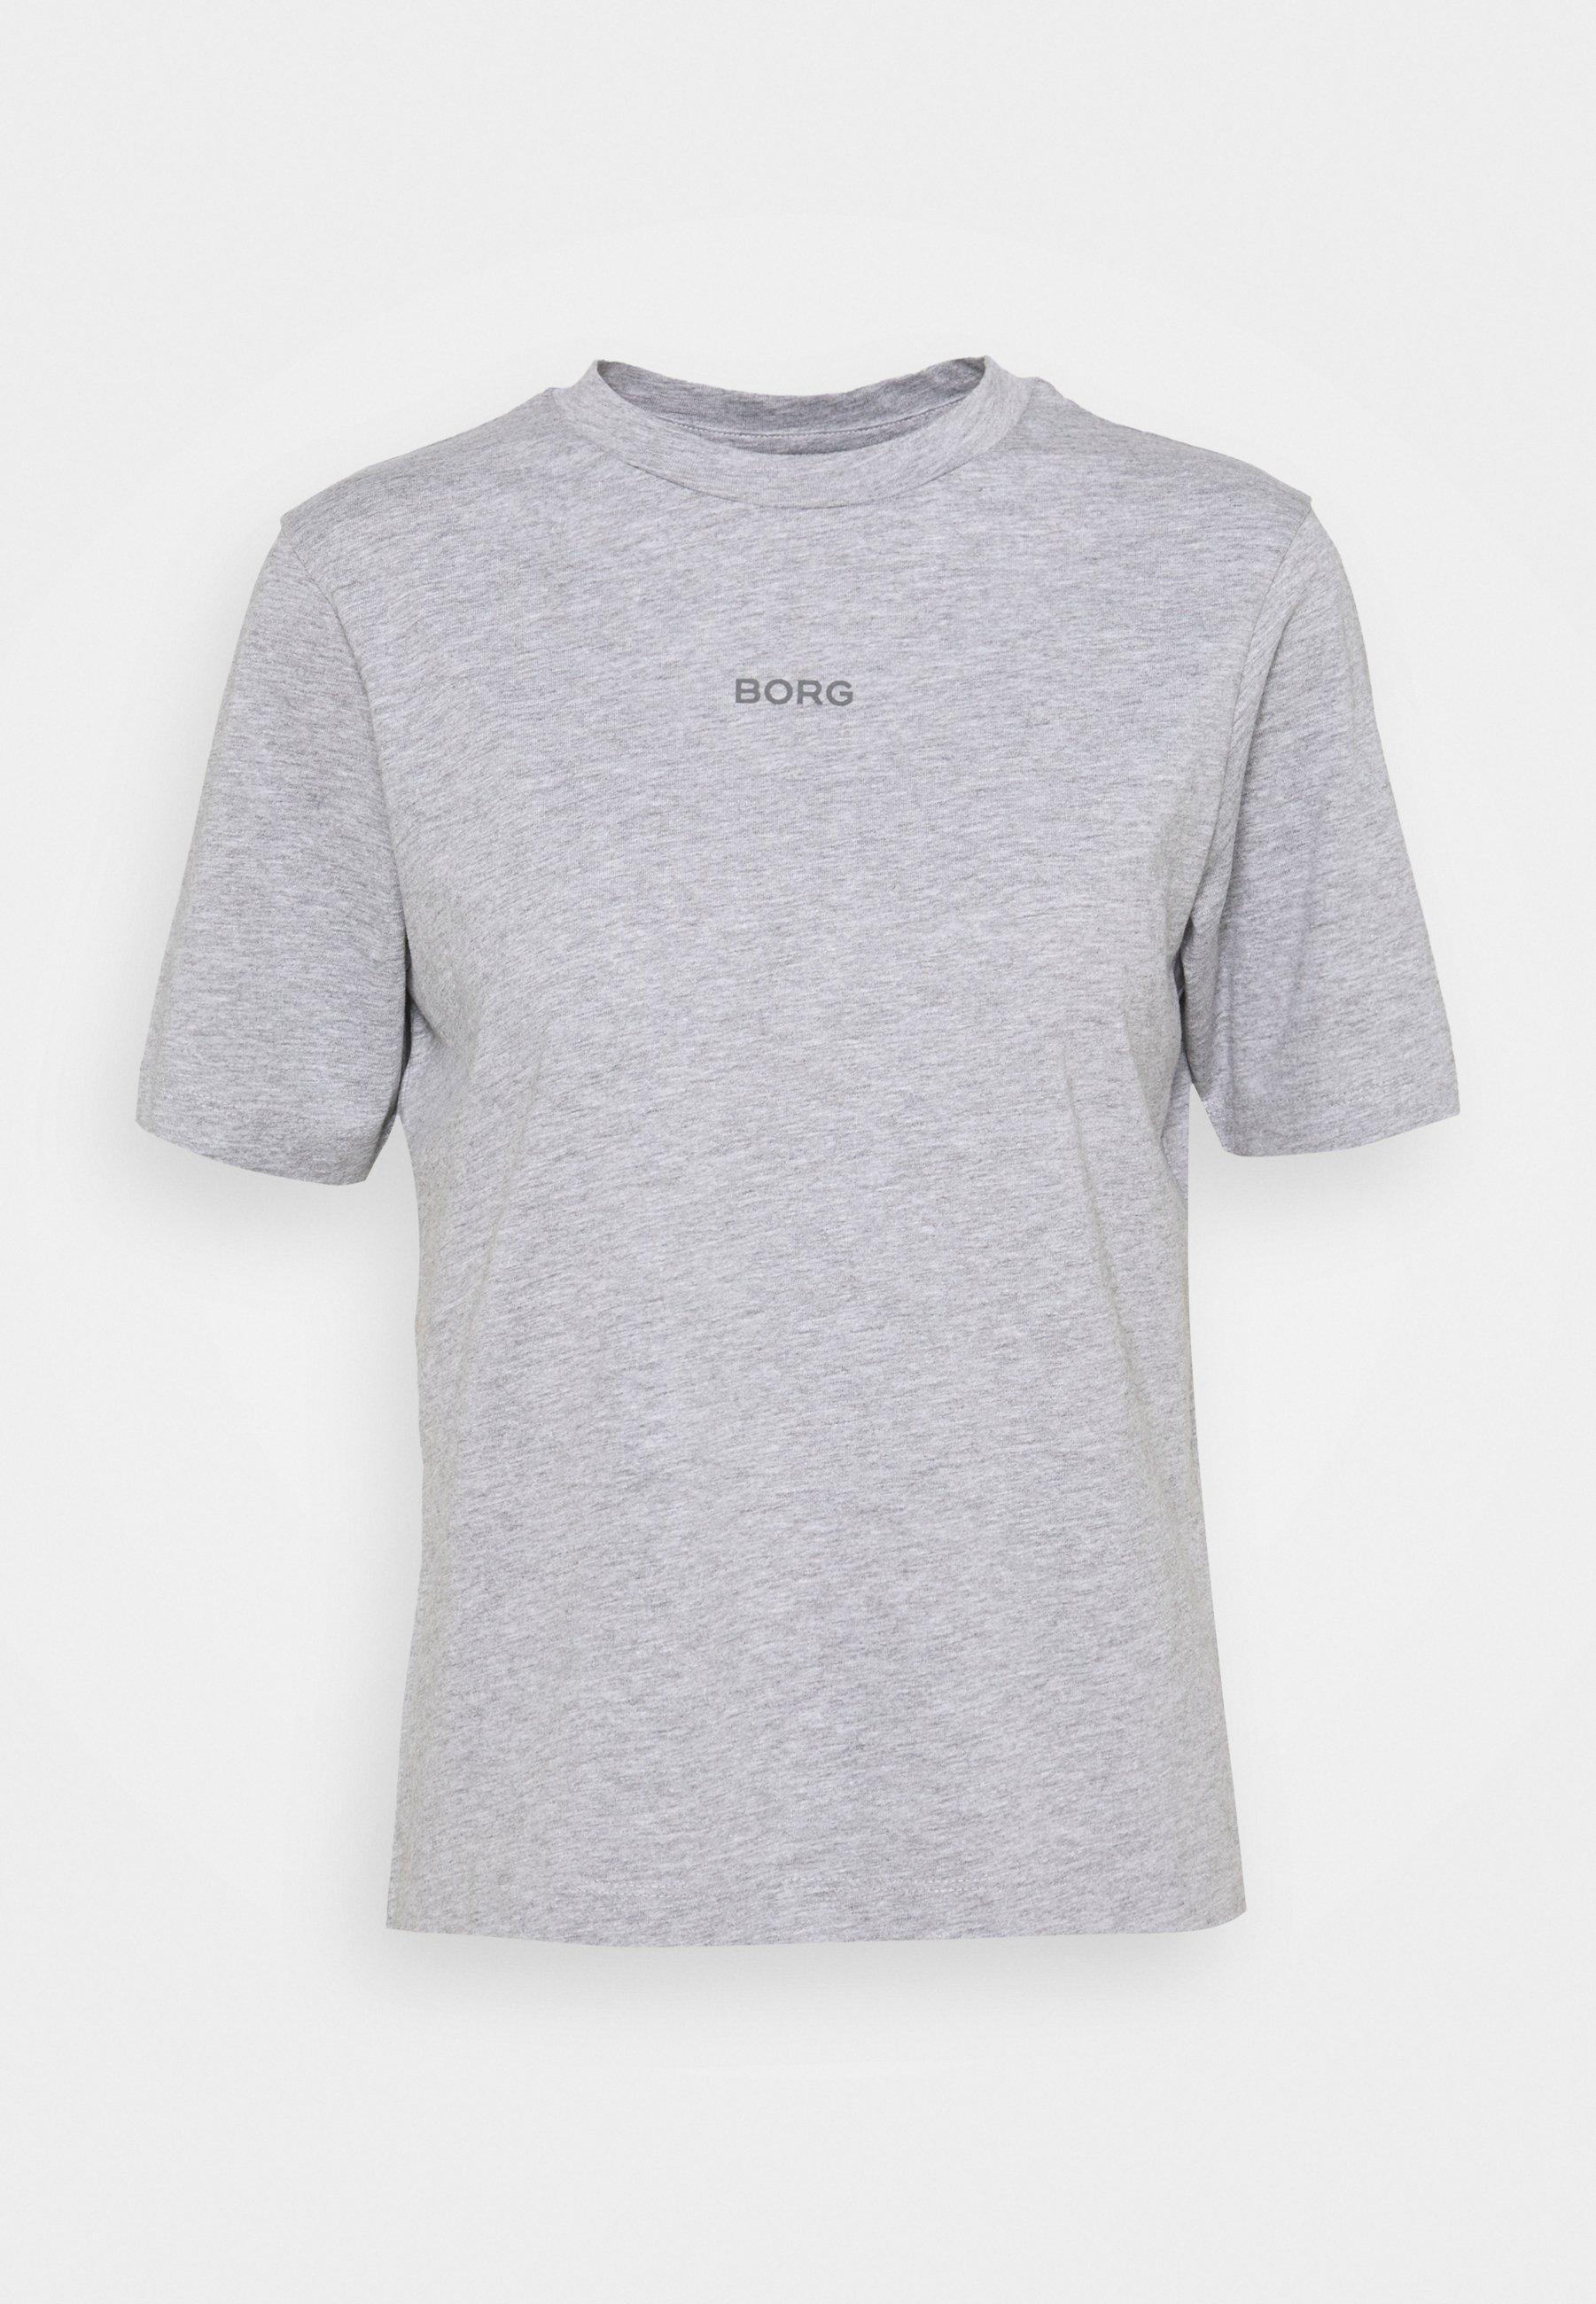 Femme LOGO REGULAR - T-shirt basique